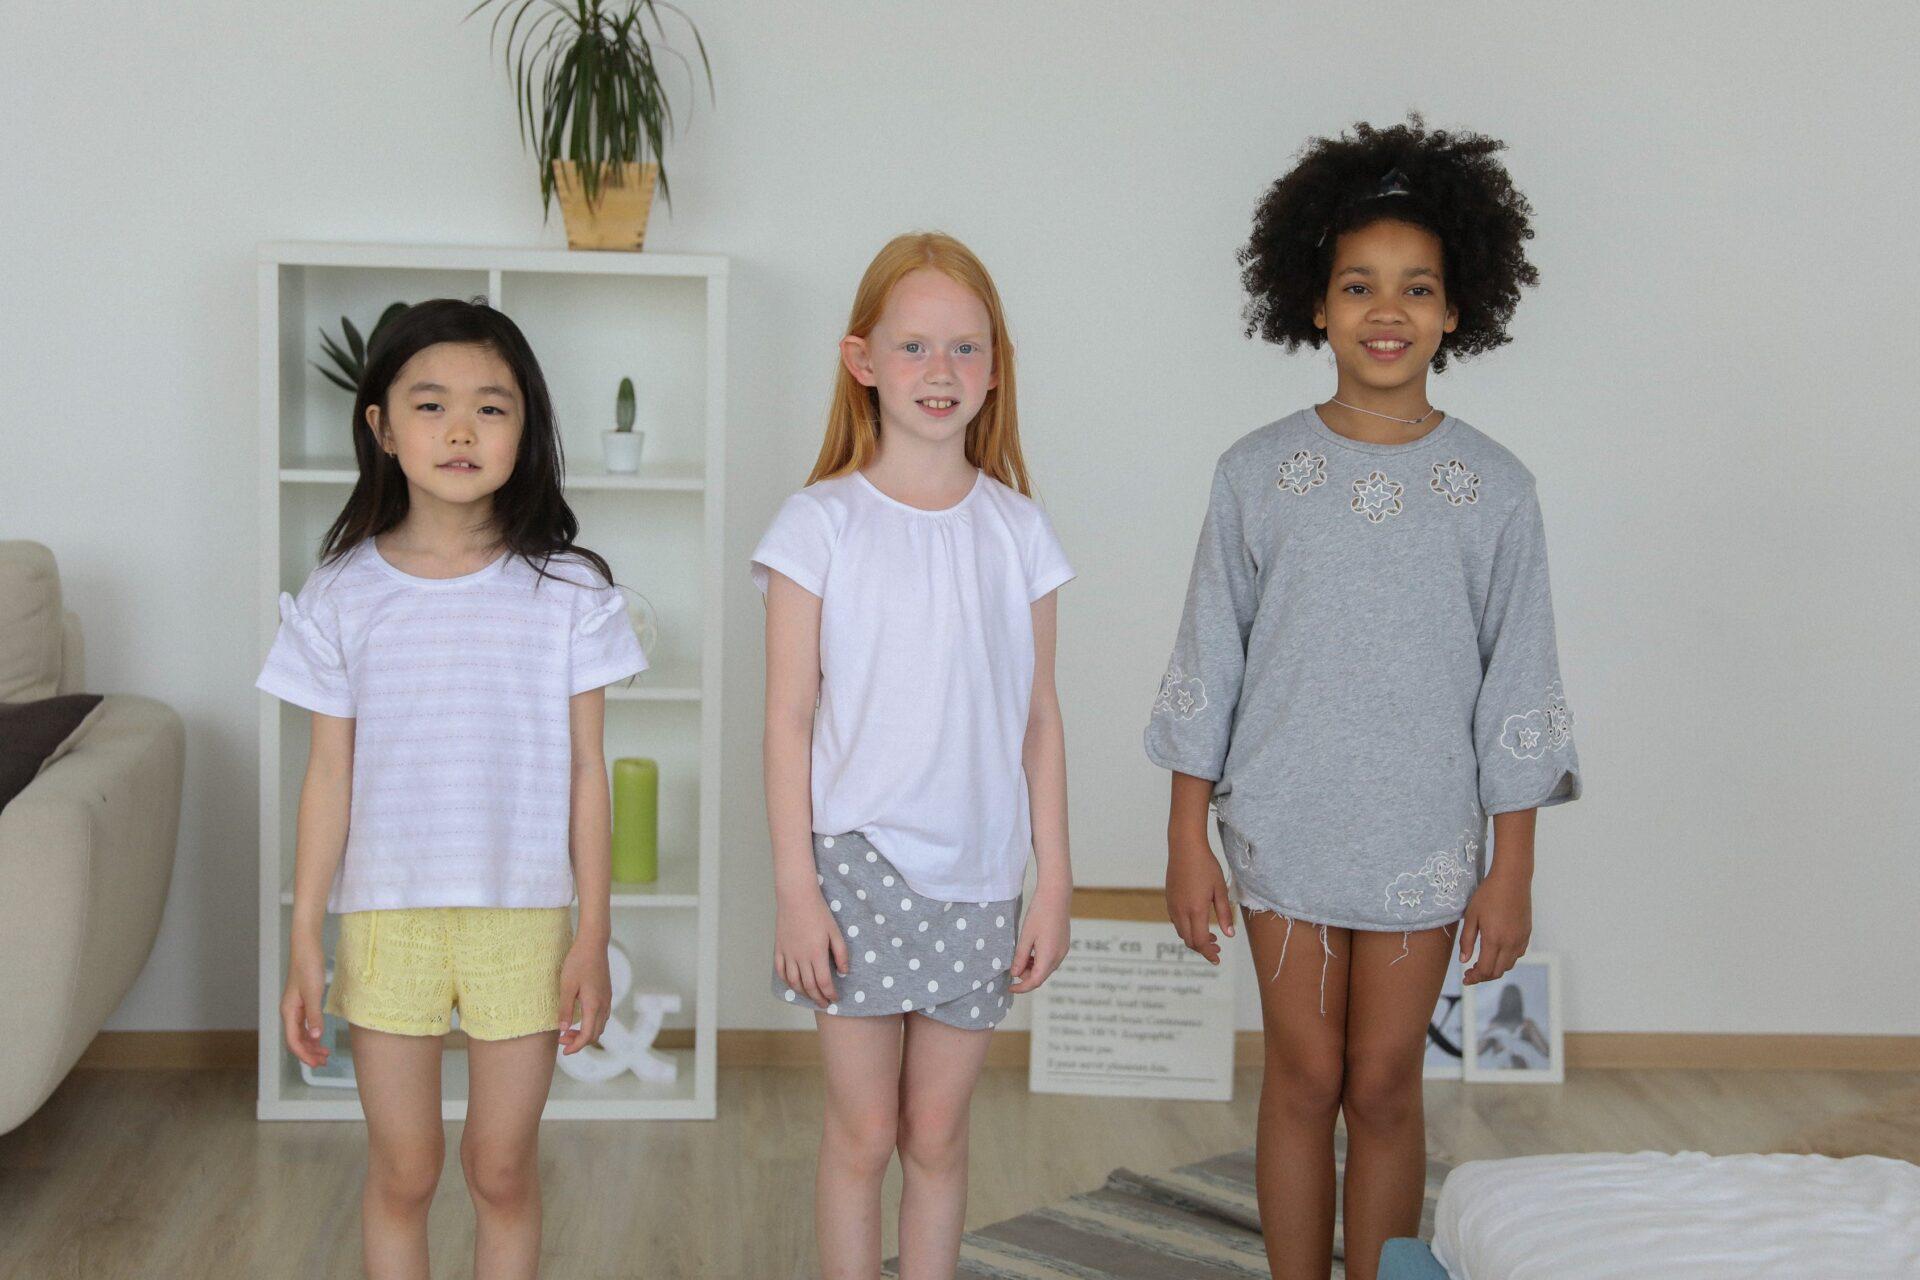 Влияние социального класса и этнической принадлежности семьи на развитие ребенка